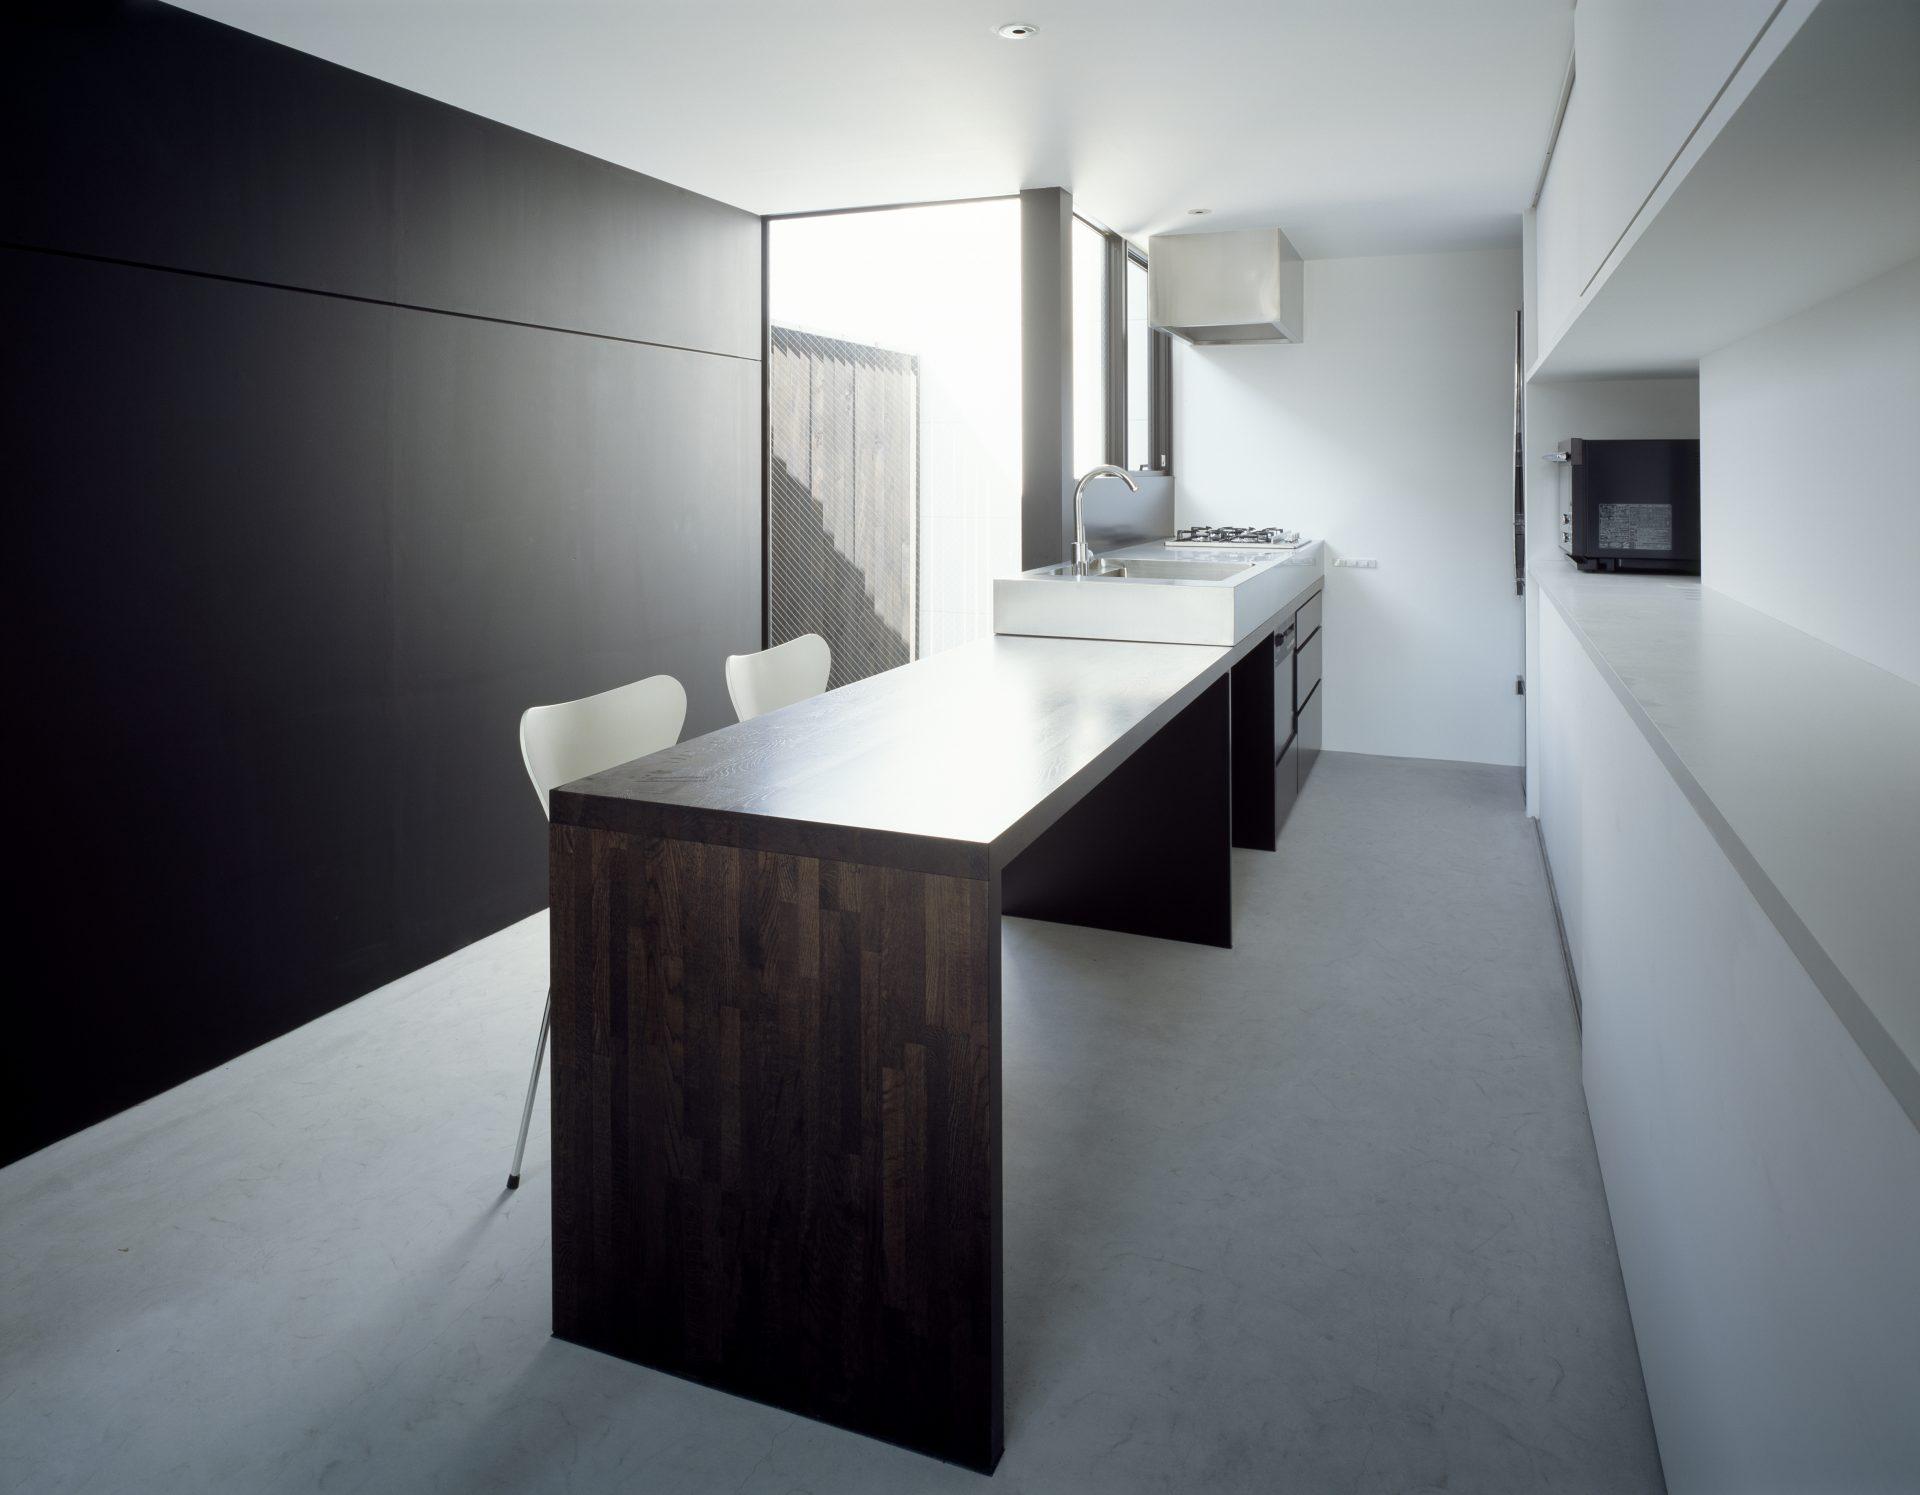 大阪昭和町の家のダイニングキッチン01